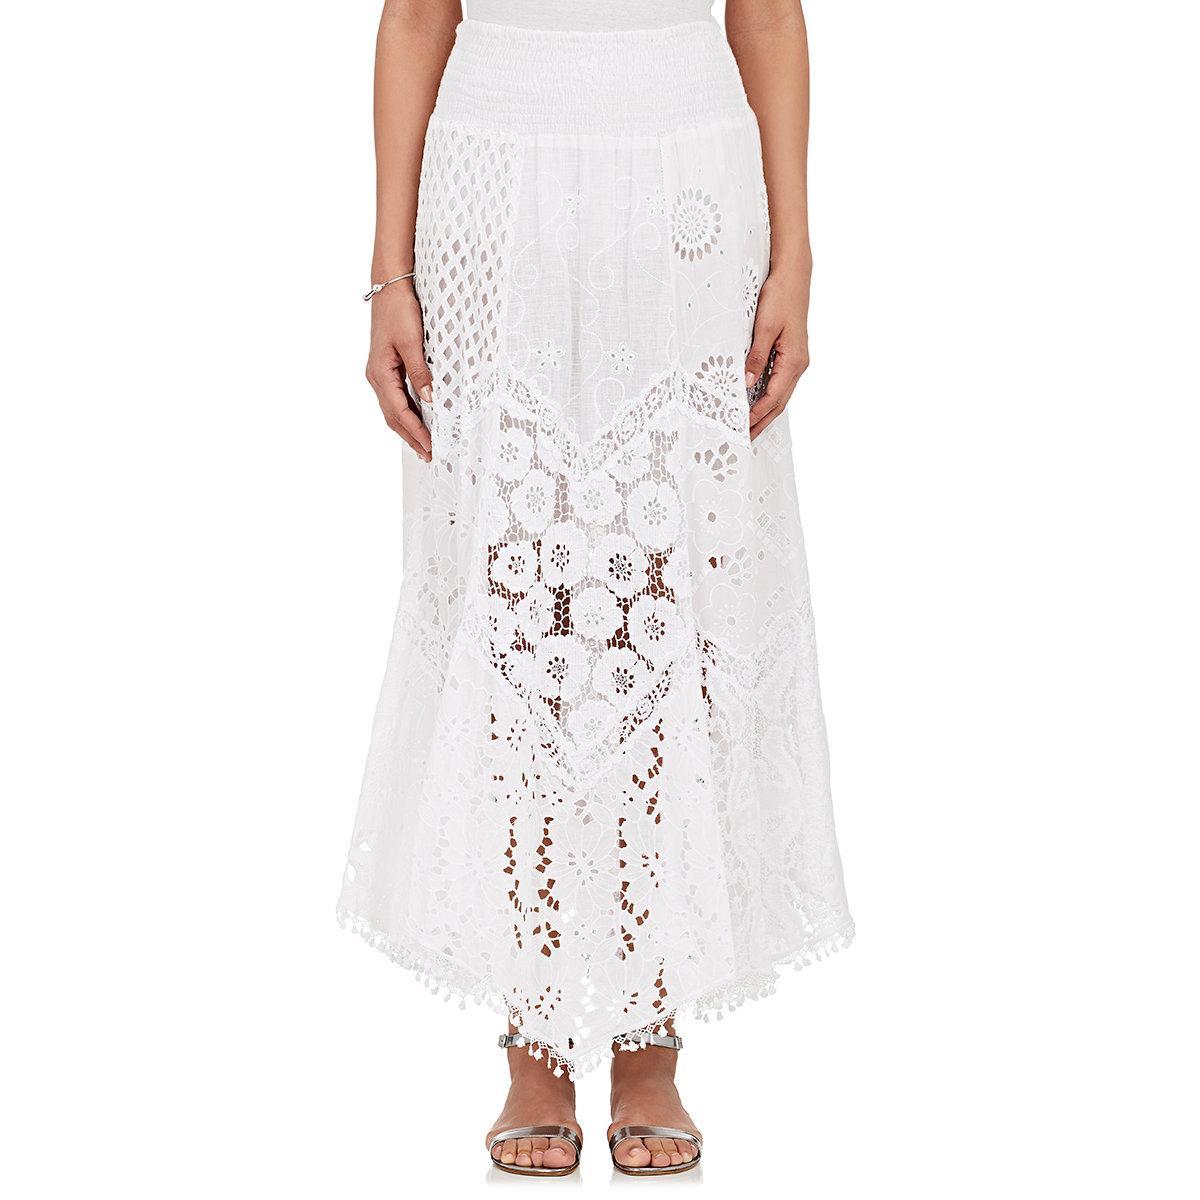 temptation positano papavero cotton maxi skirt in white lyst